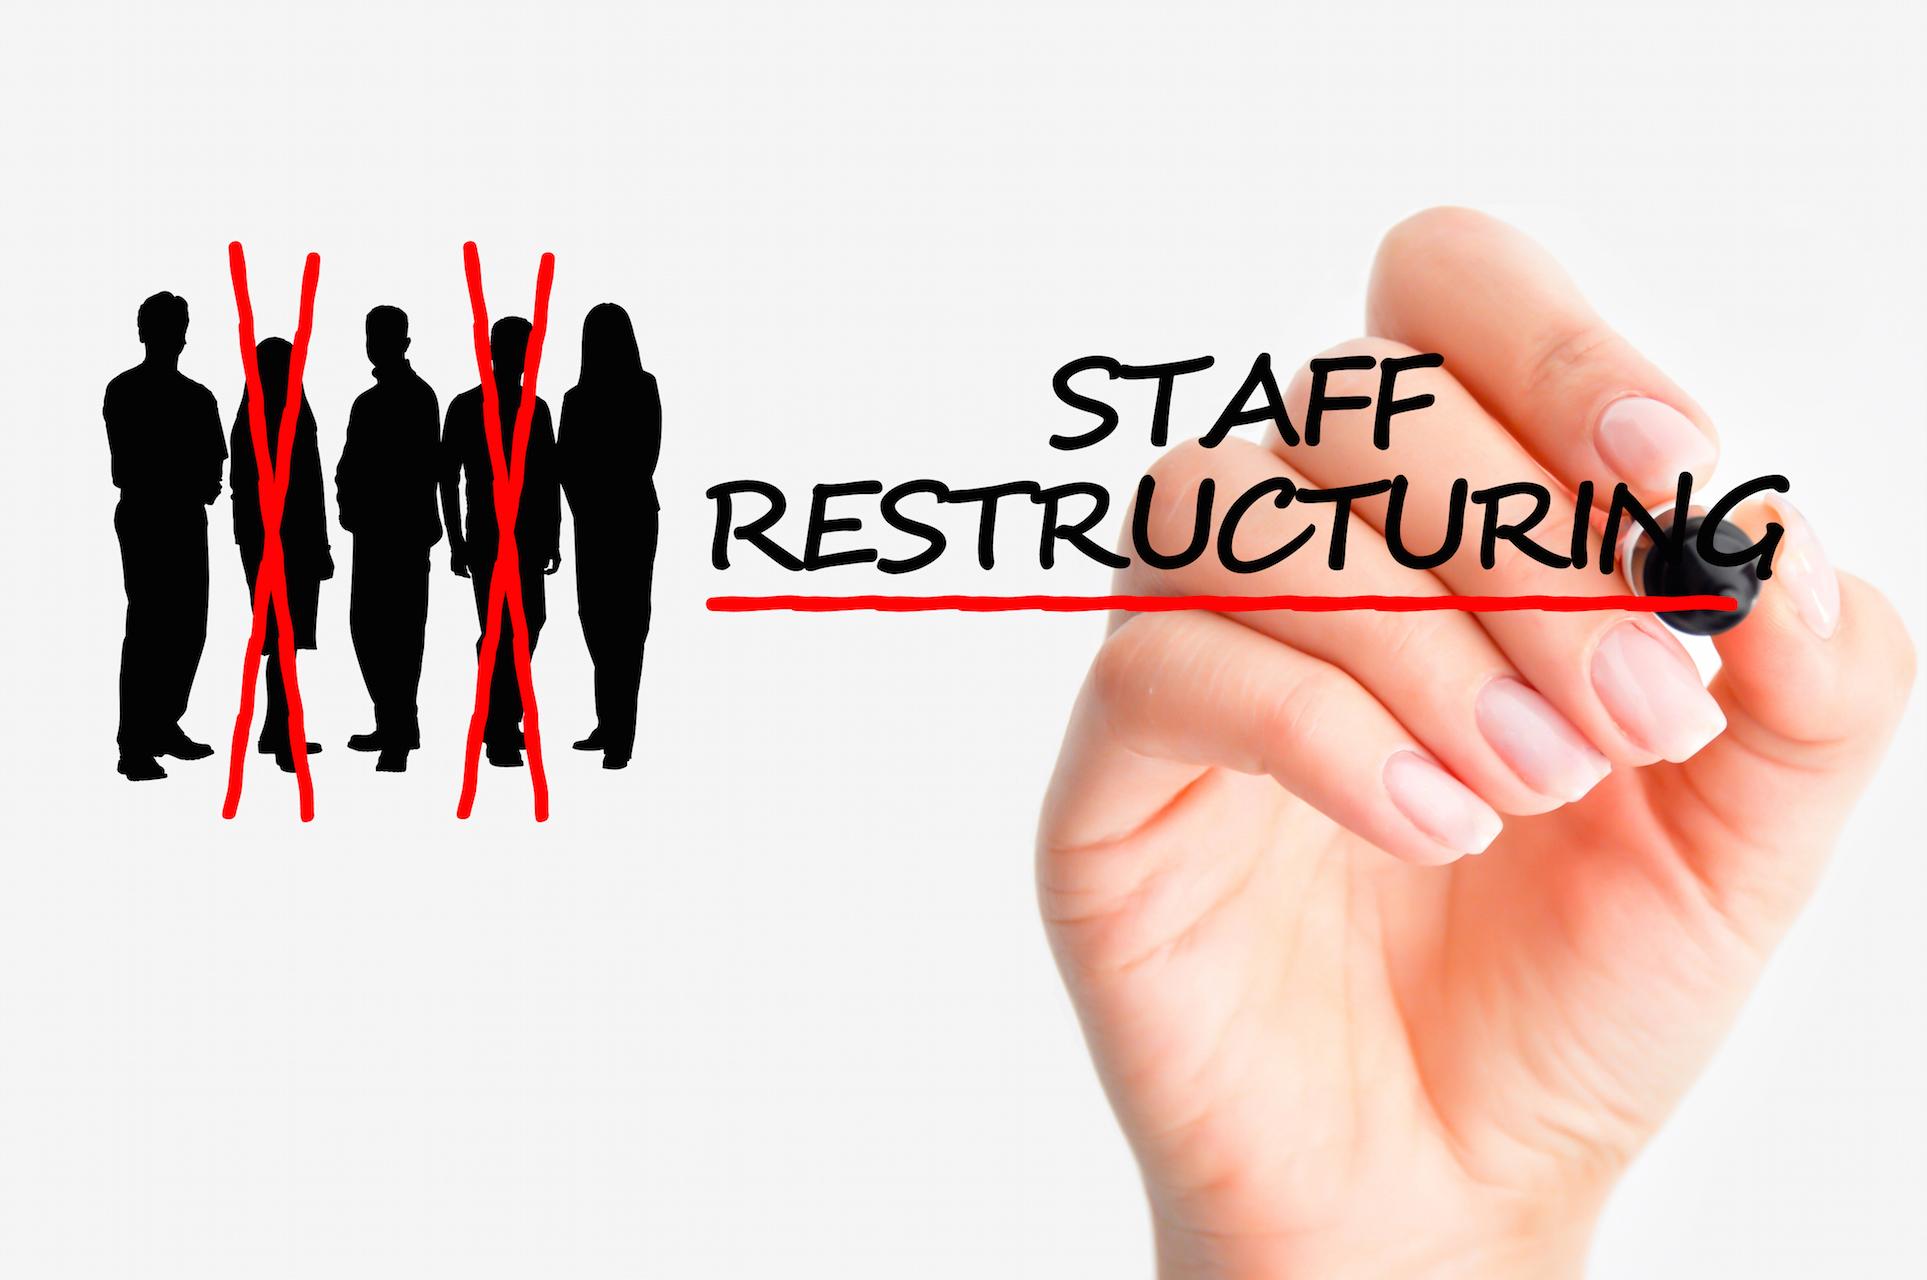 化危機為轉機- 轉念面對裁員和公司組織重整